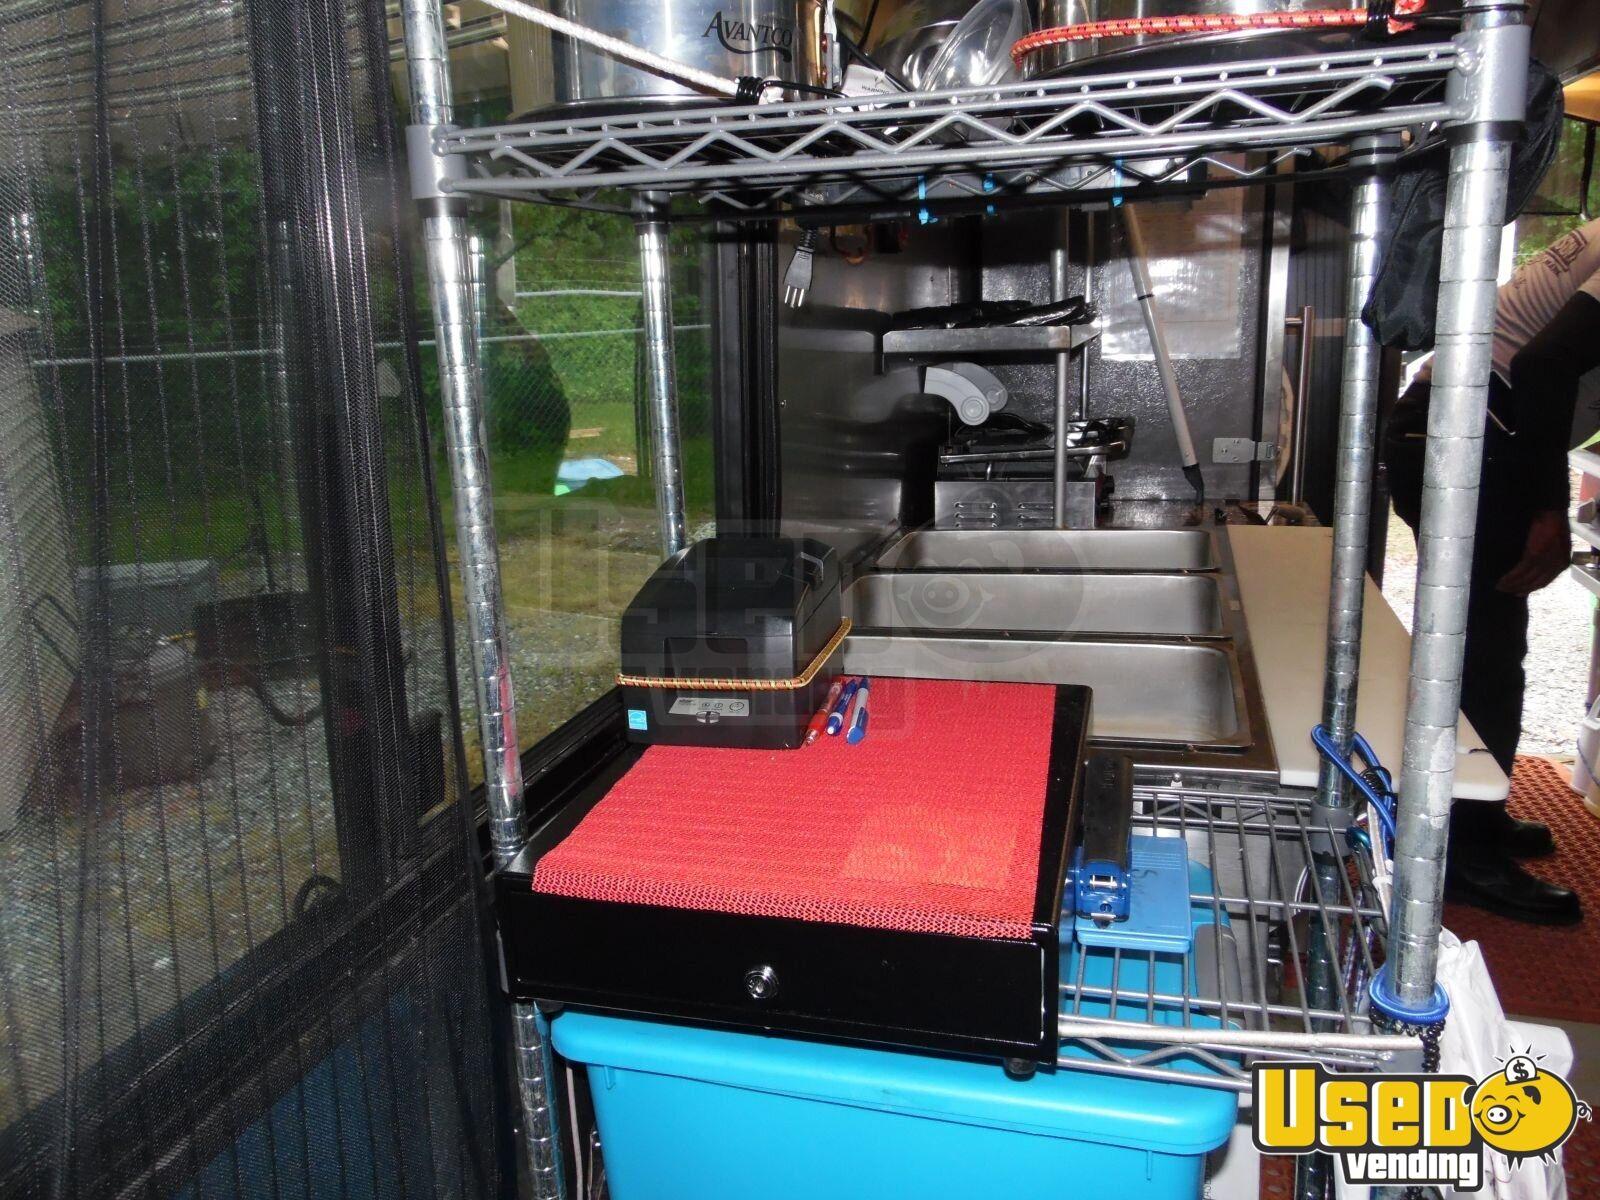 freightliner mobile kitchen for sale in delaware. Black Bedroom Furniture Sets. Home Design Ideas